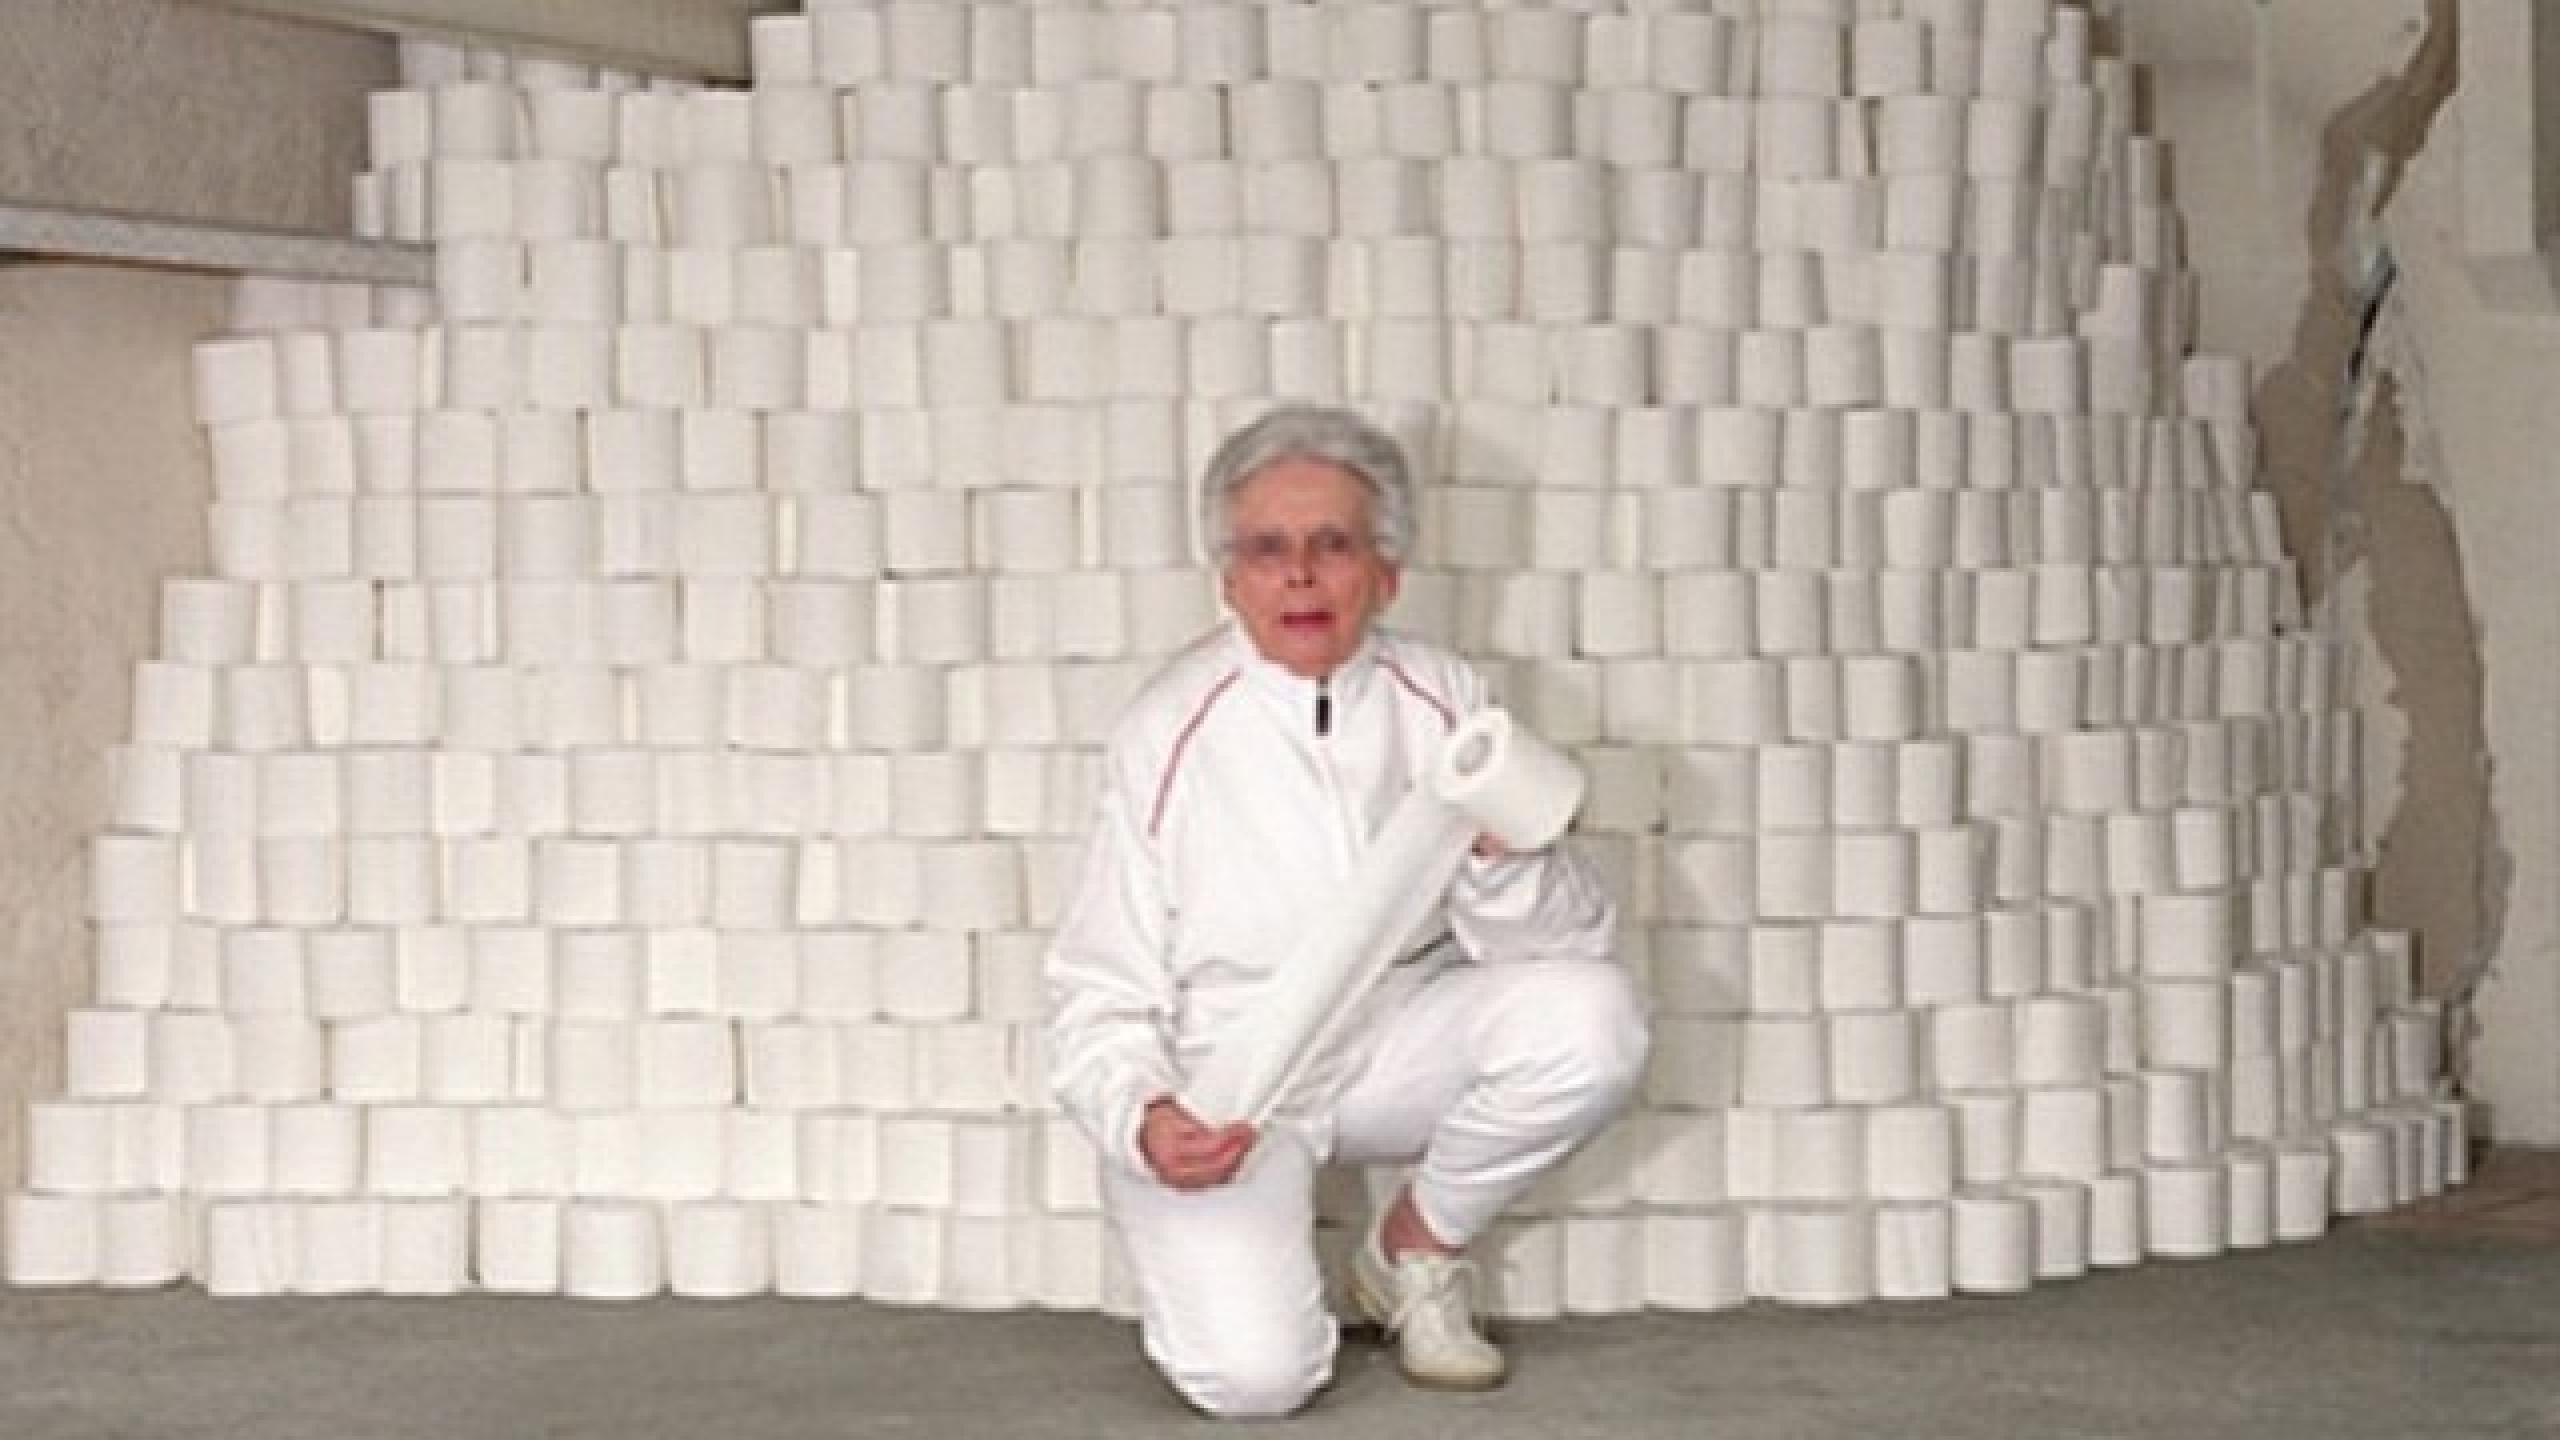 Meme de señora con varios rollos de papel higiénico detrás de ella